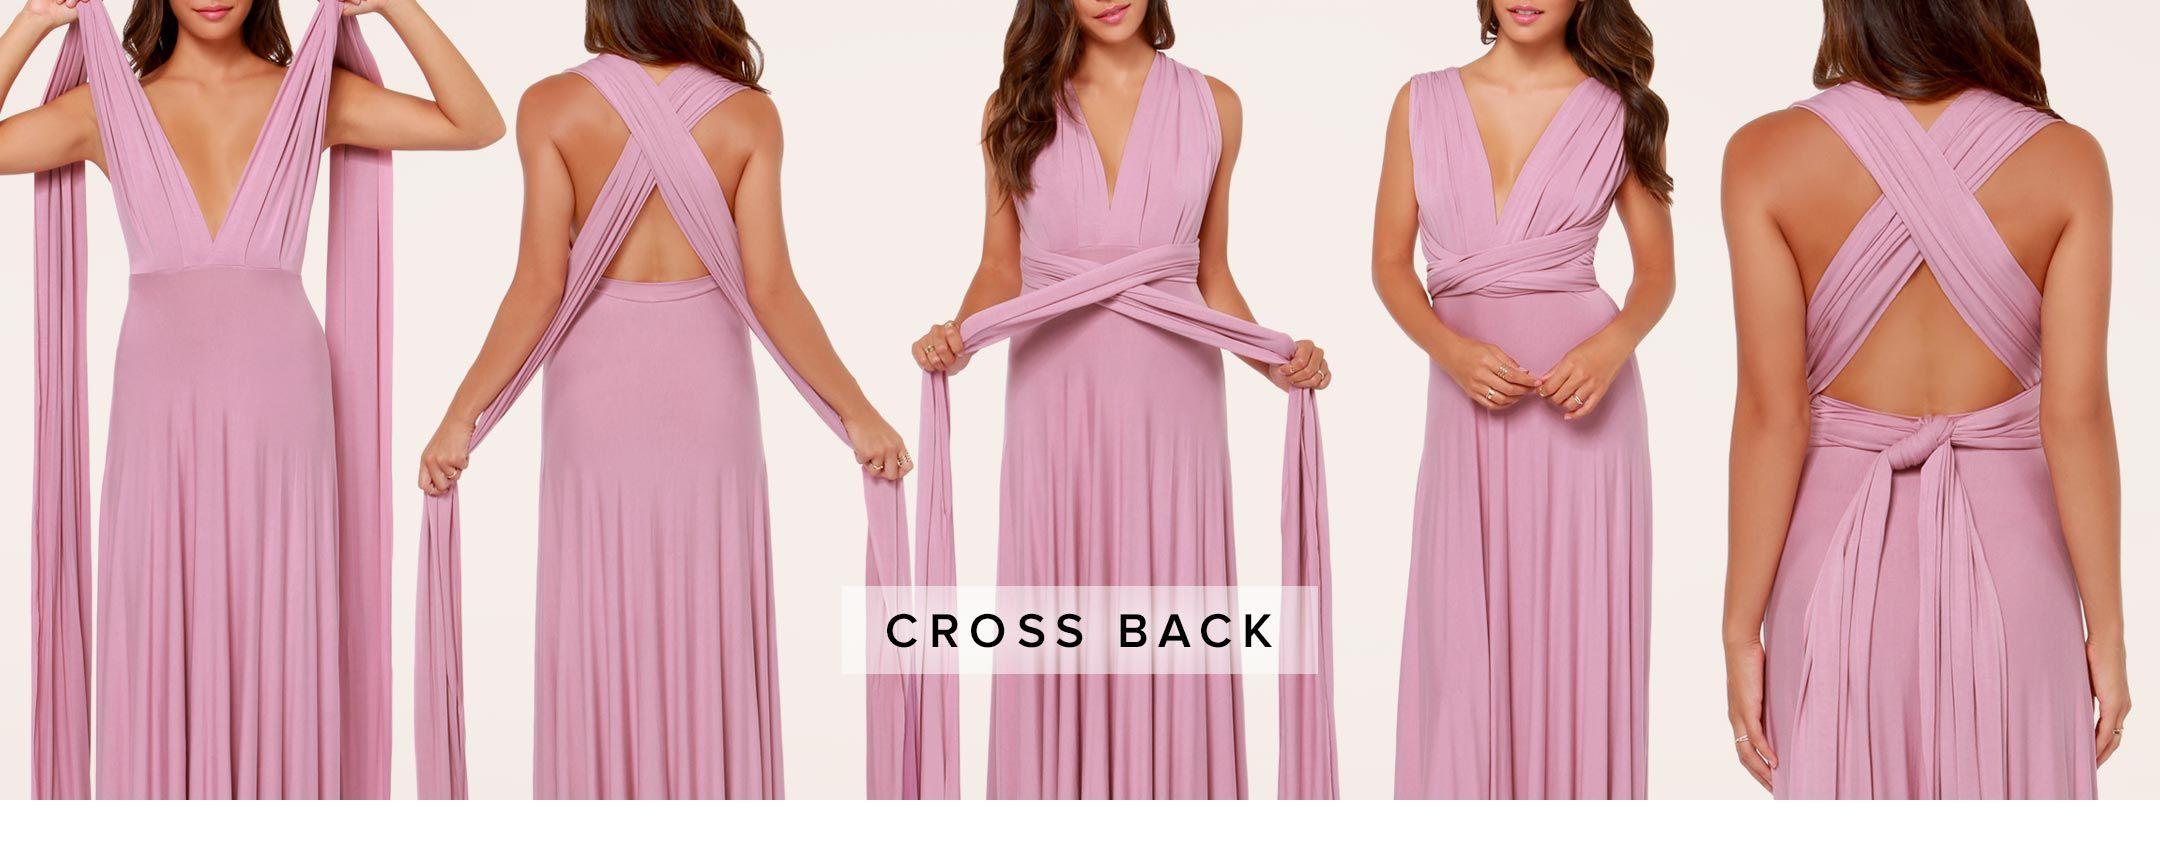 13++ How to tie a wrap dress ideas